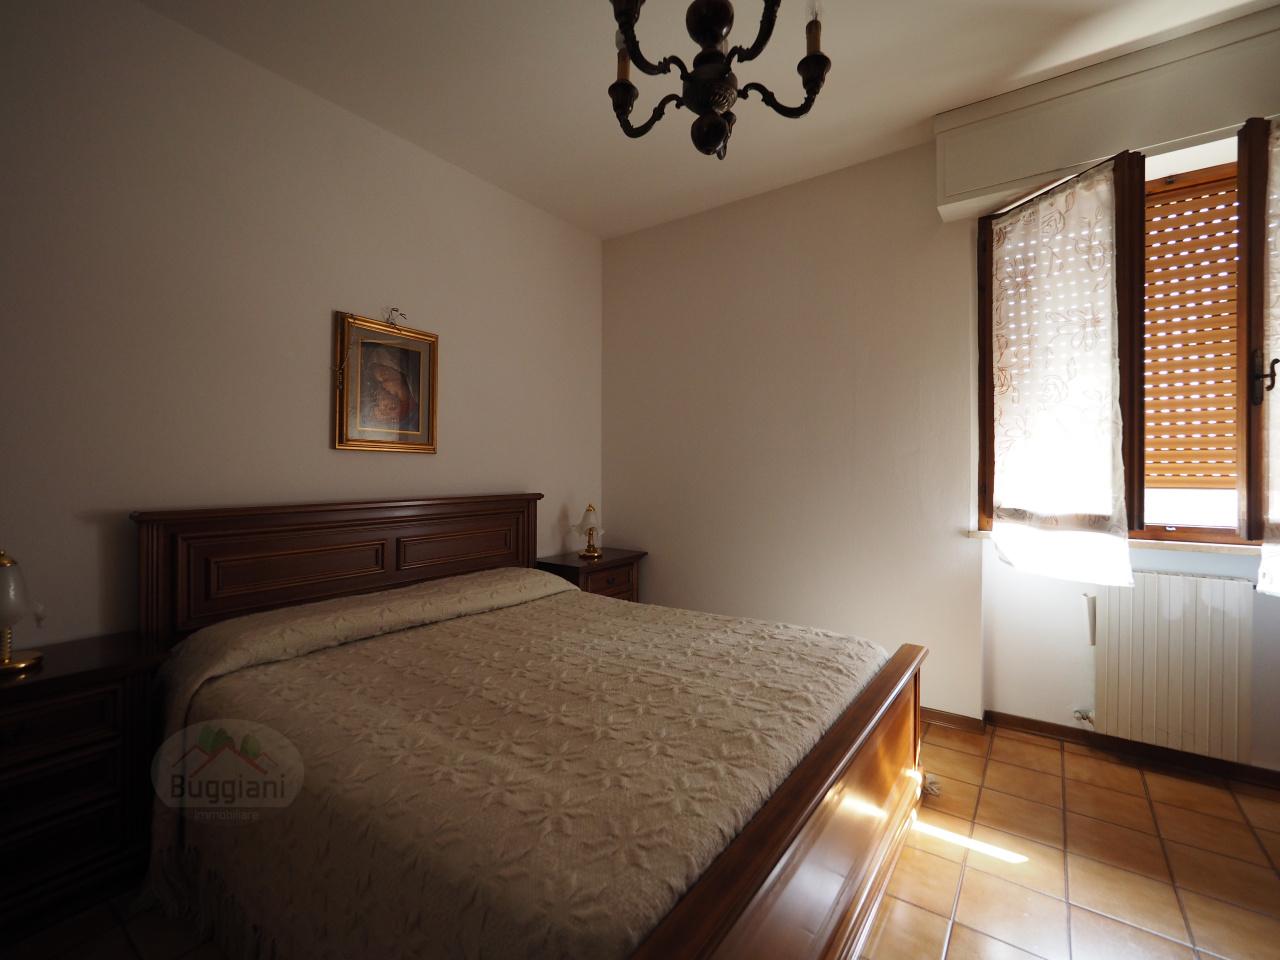 Appartamento in vendita RIF. 1478, San Miniato (PI)